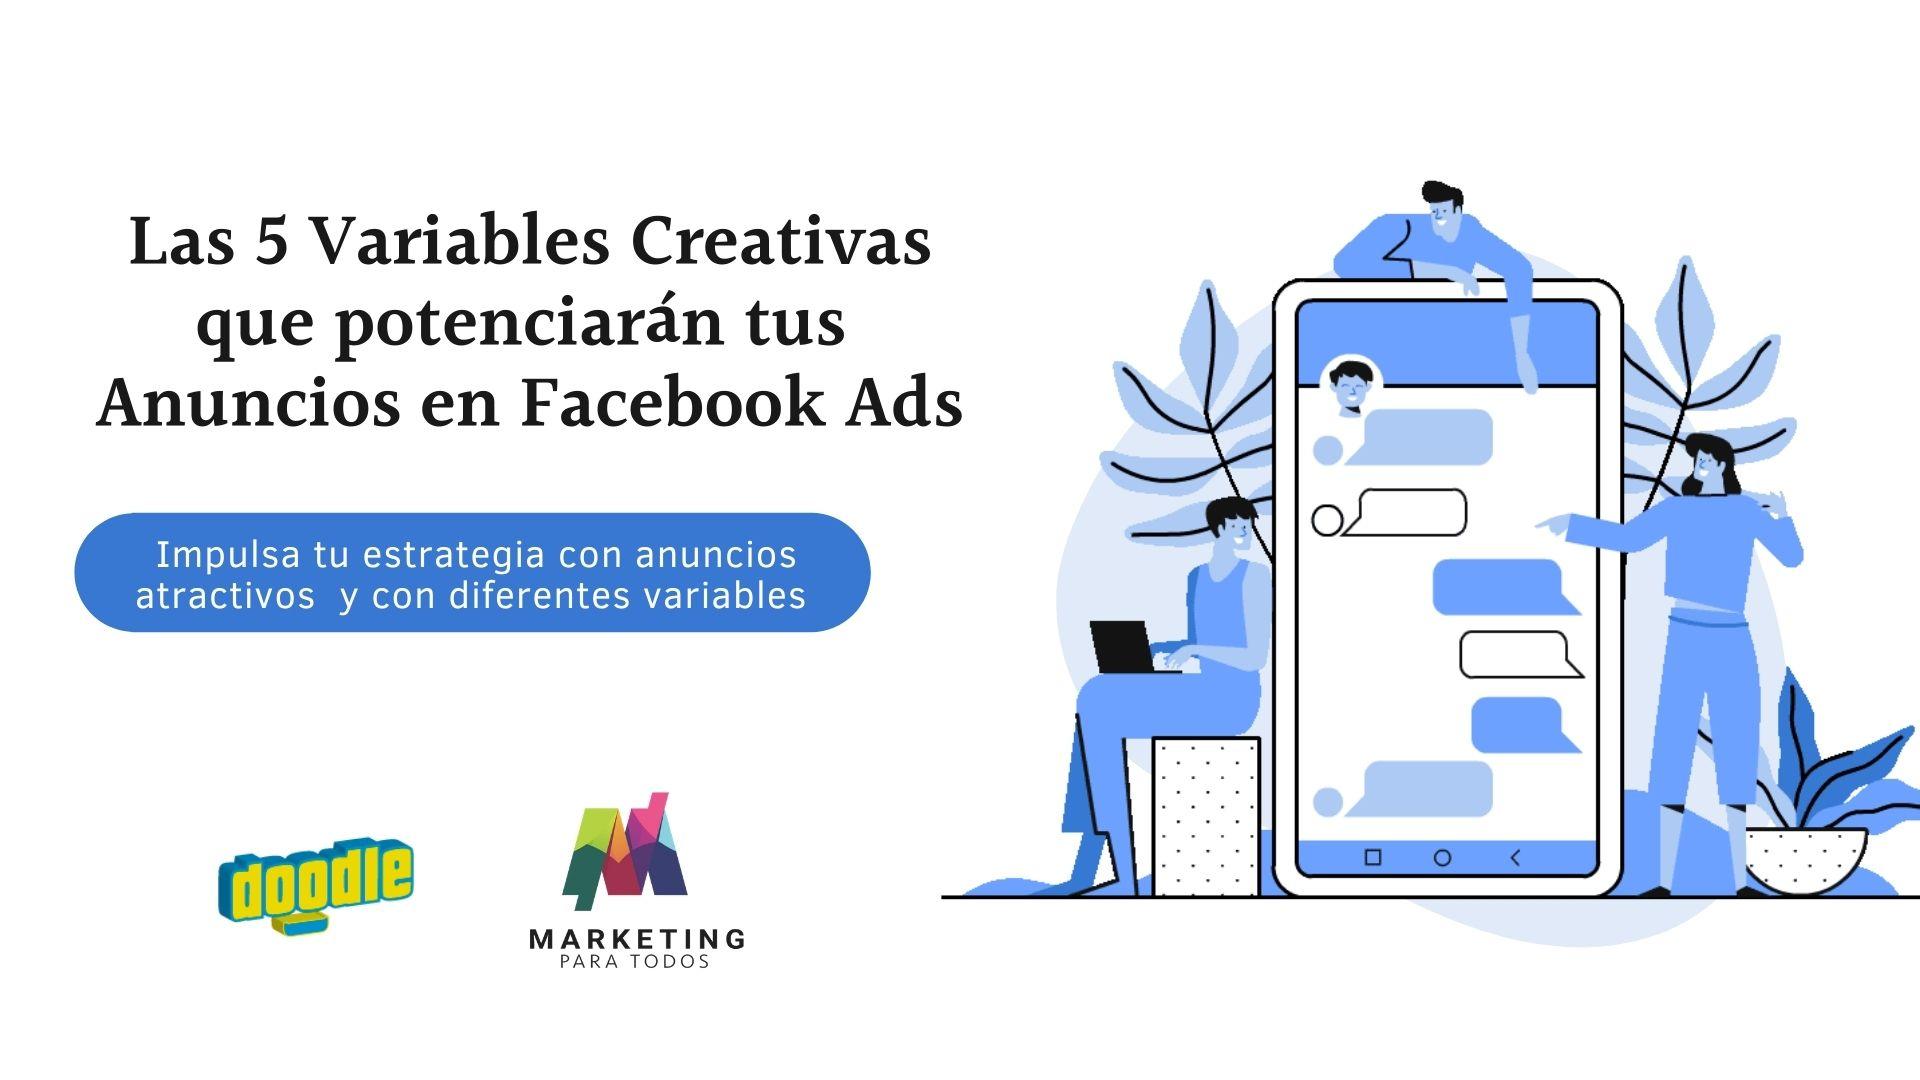 Las 5 Variables Creativas que potenciarán tus Anuncios en Facebook Ads (2)